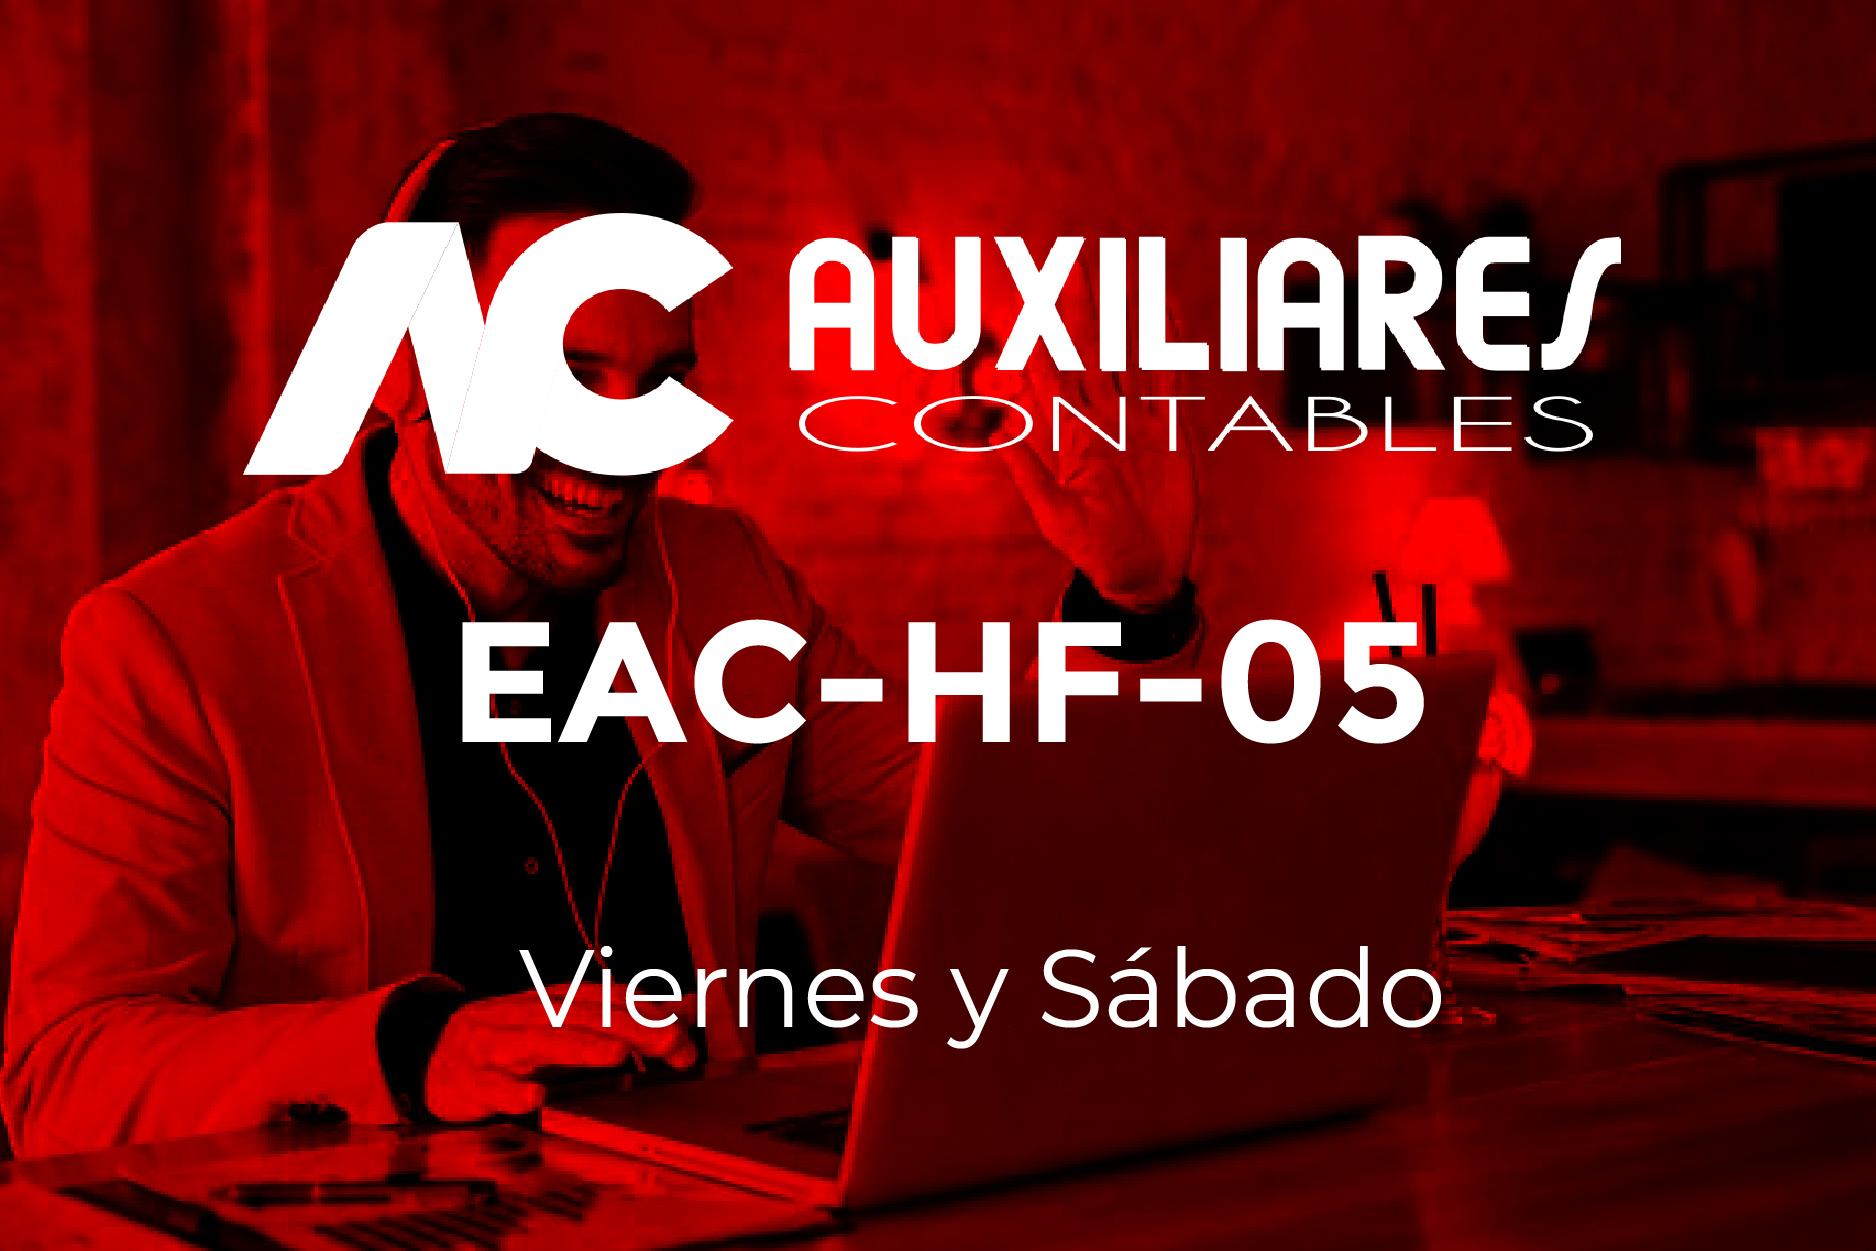 5 - AUXILIARES CONTABLES - VIERNES Y SÁBADO